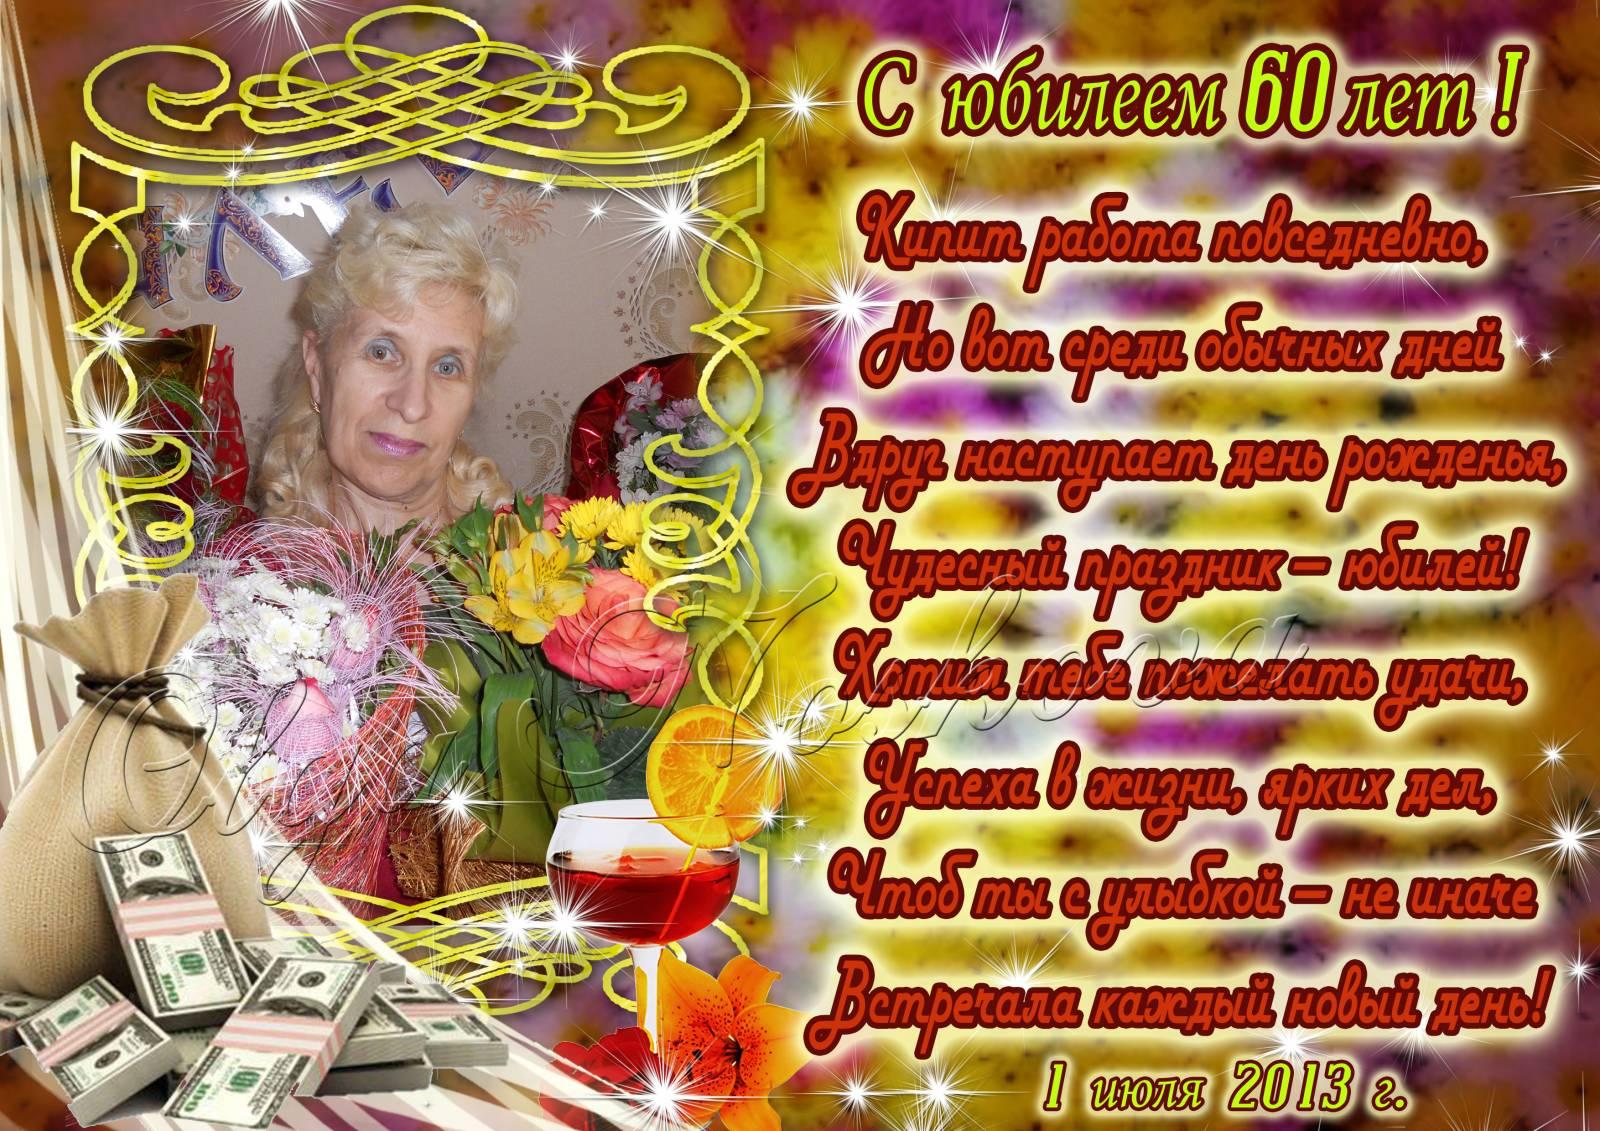 Поздравления с днем рождения 60 лет валентине